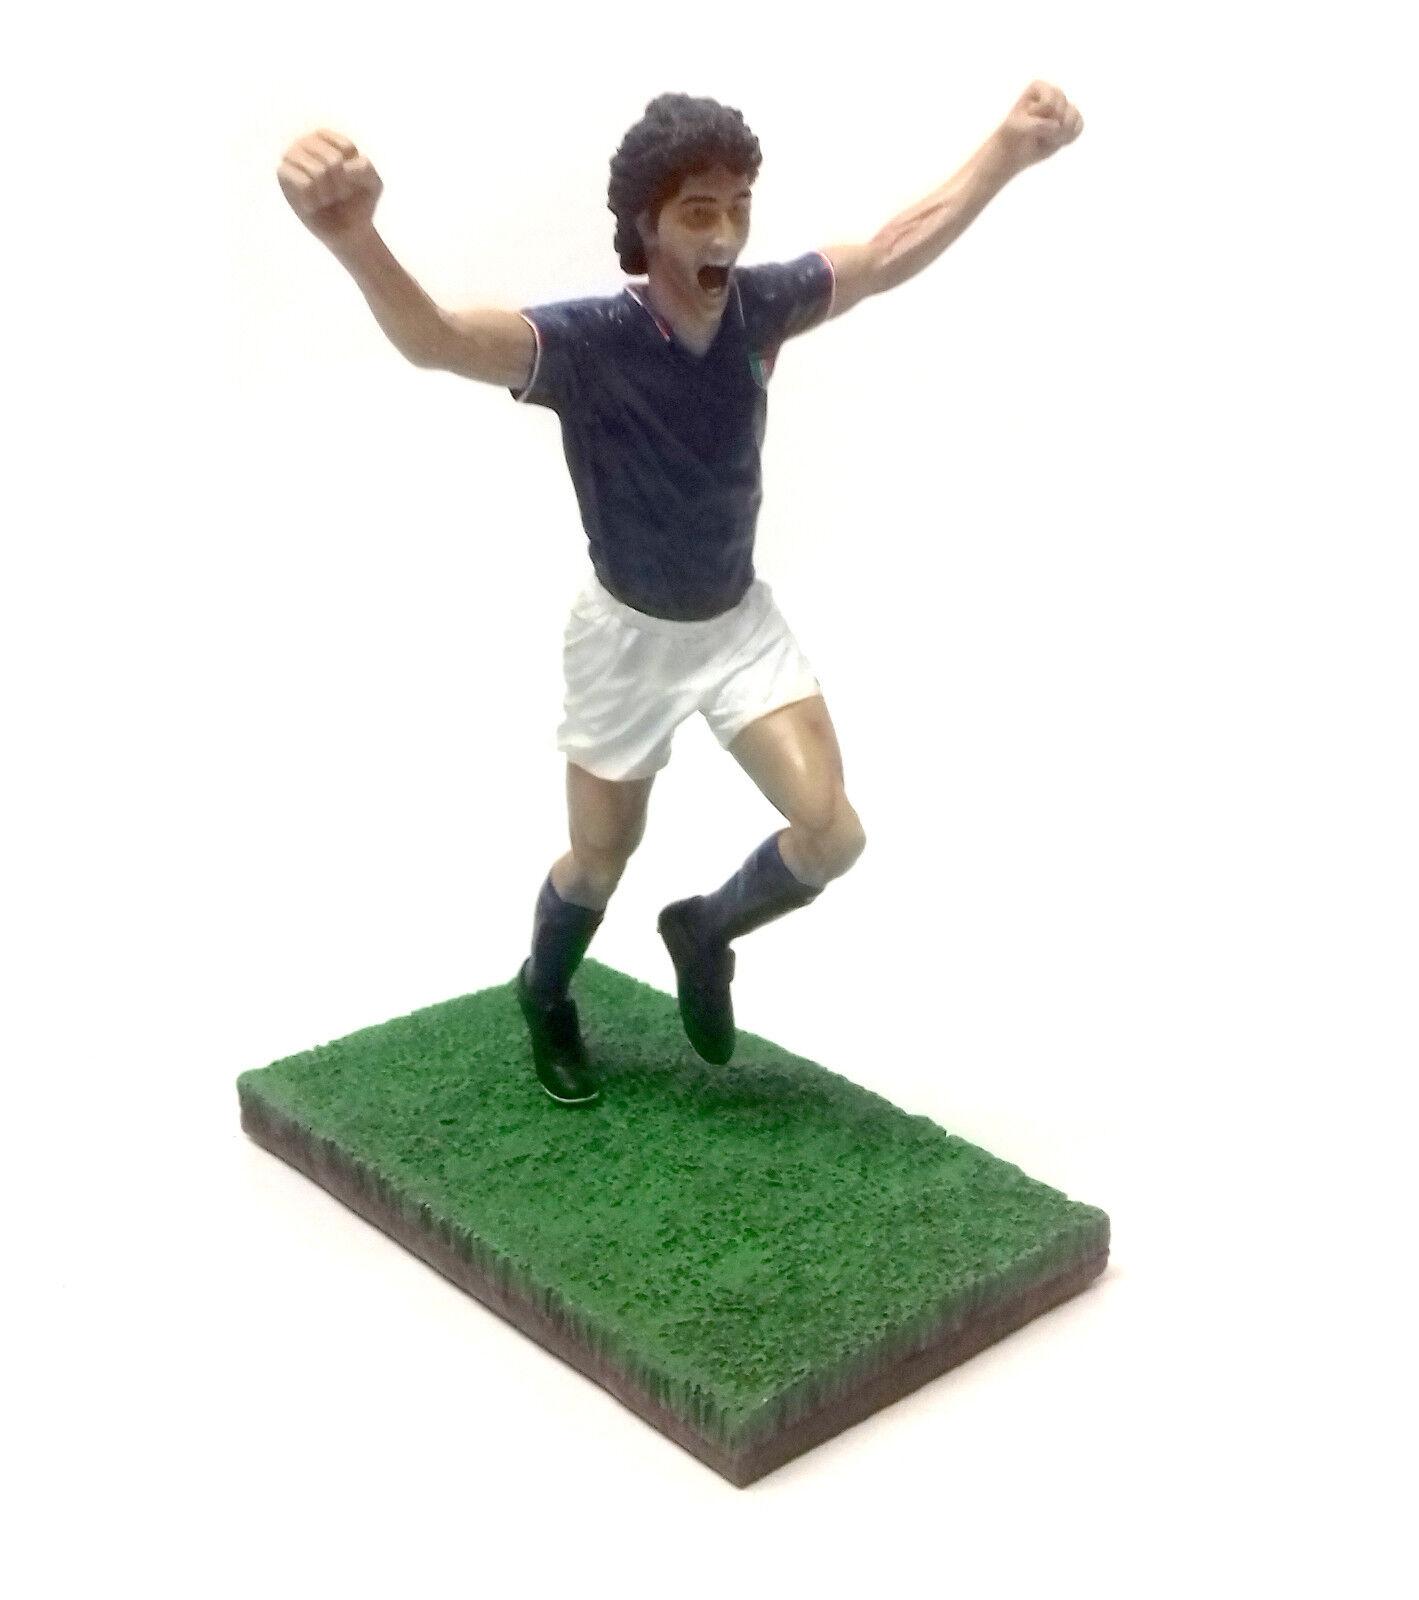 Fanatico Football 1 9 Figura RESINA Statua Sport Paolo Rossi d'Italia, coppa del mondo